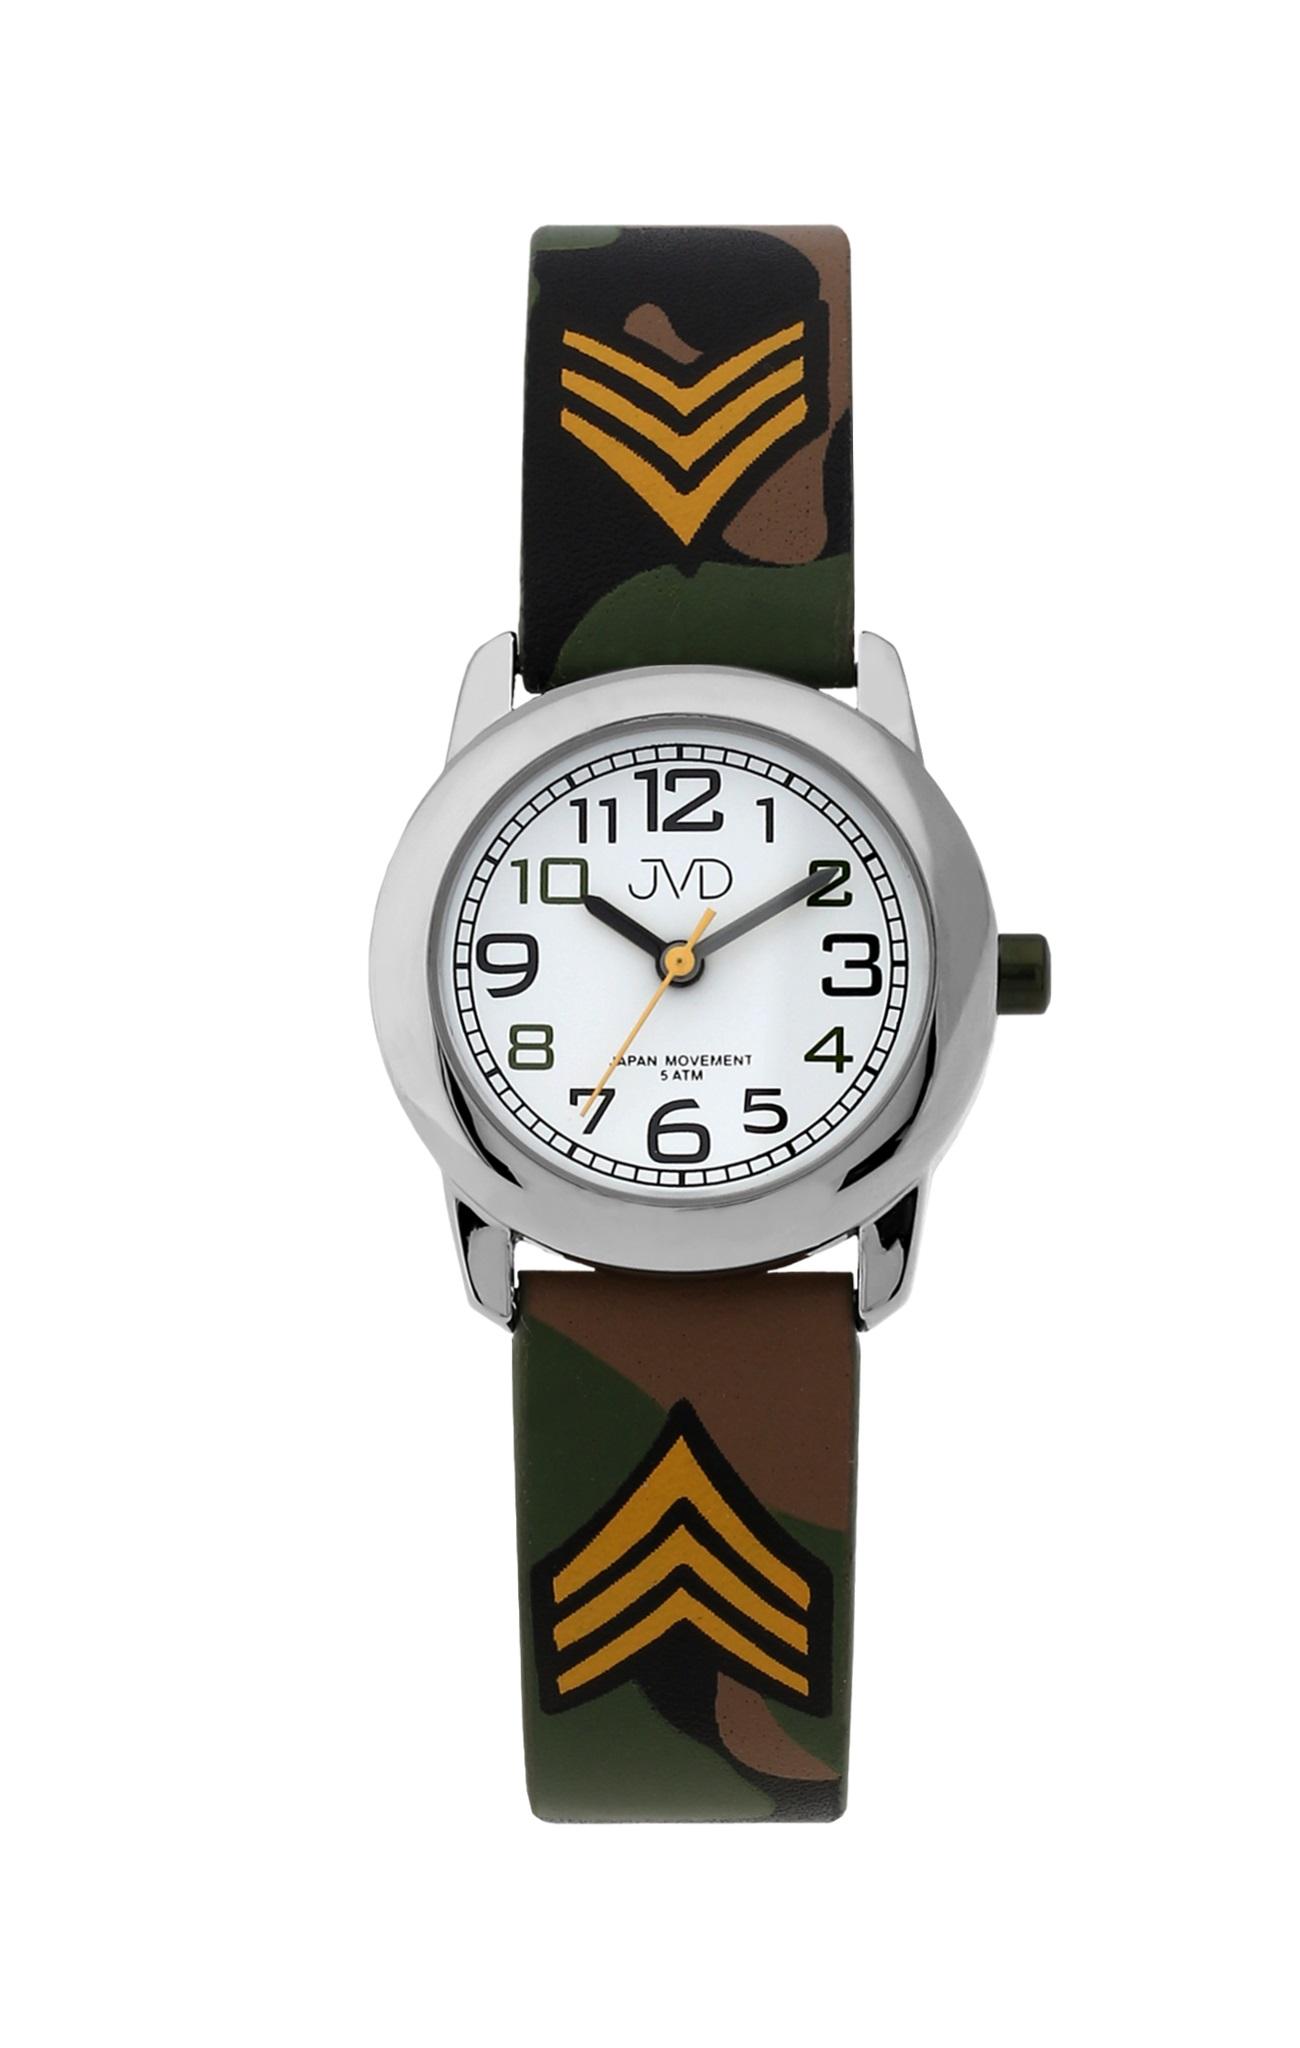 Chlapecké dětské náramkové hodinky JVD J7183.2 (chlapecké hodinky)